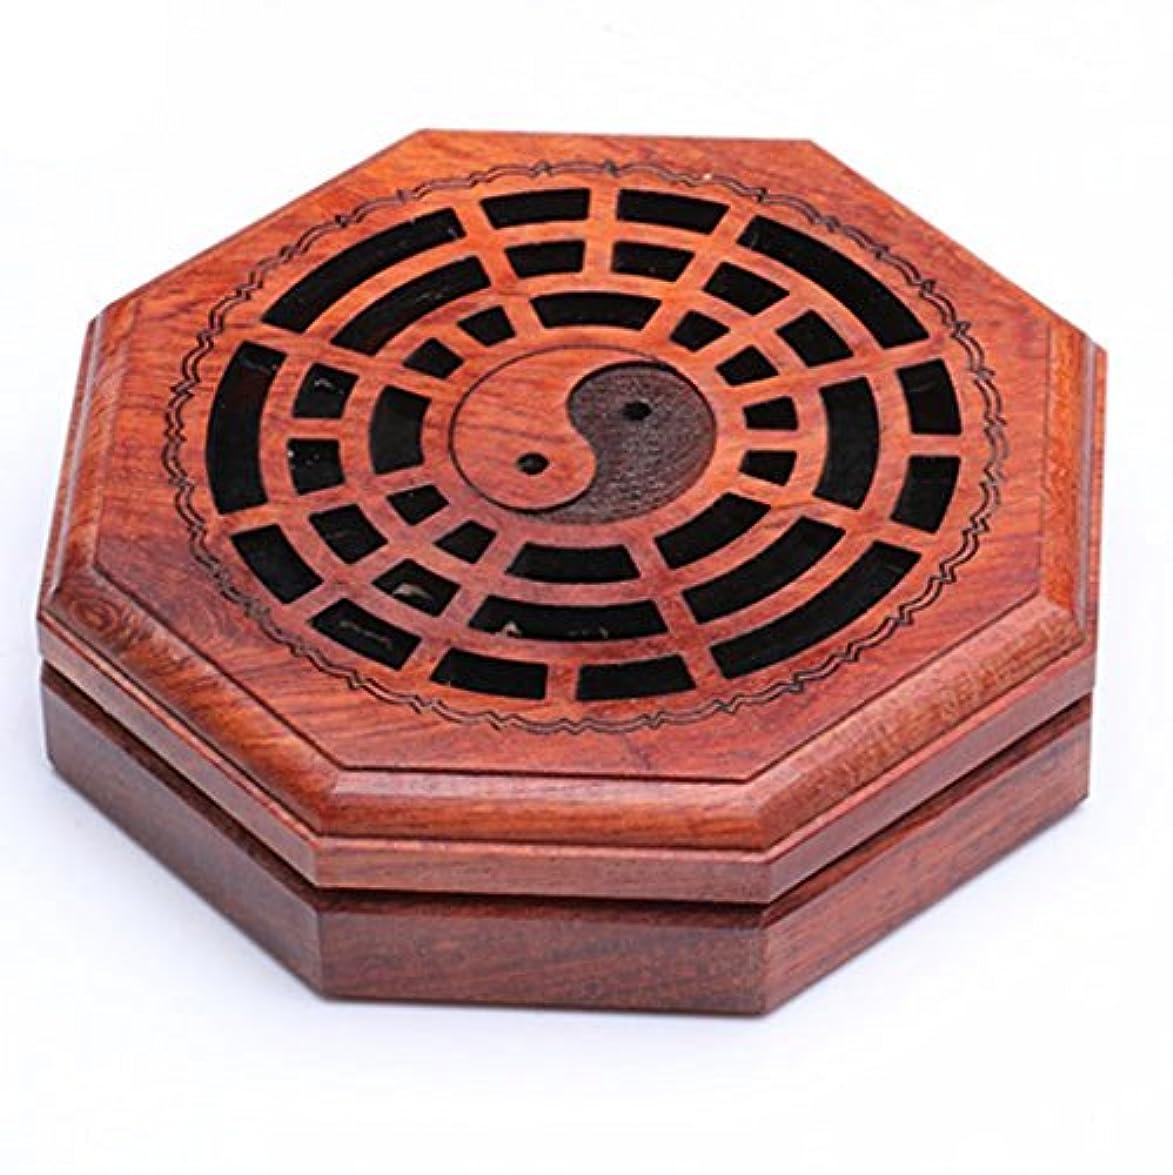 司法取り替えるネーピア(ラシューバー) Lasuiveur 香炉 線香立て 香立て 職人さんの手作り 茶道用品 おしゃれ  木製 透かし彫り